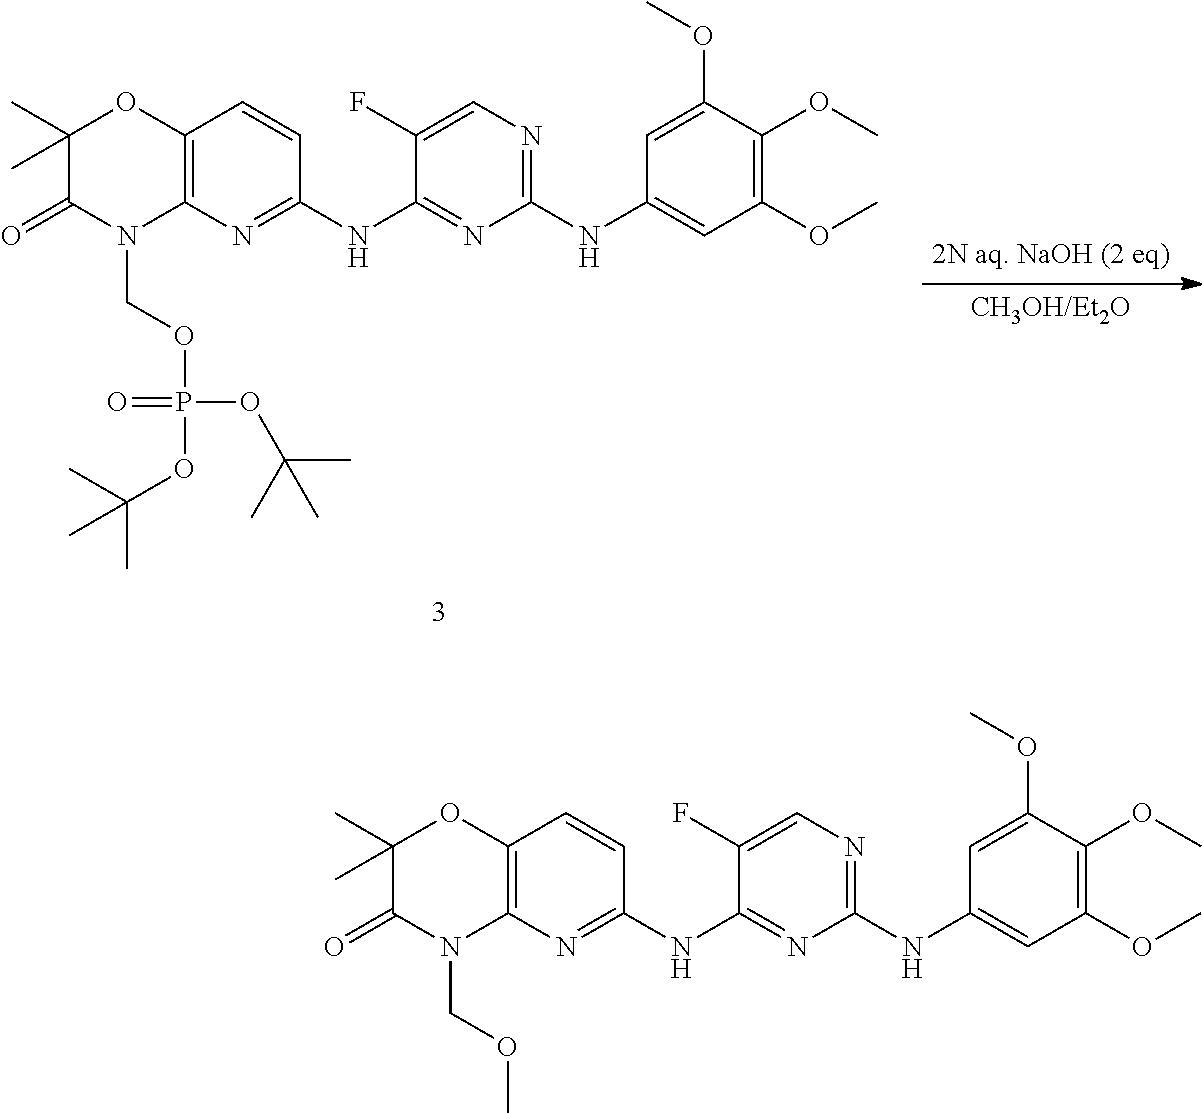 Figure US08211889-20120703-C00029